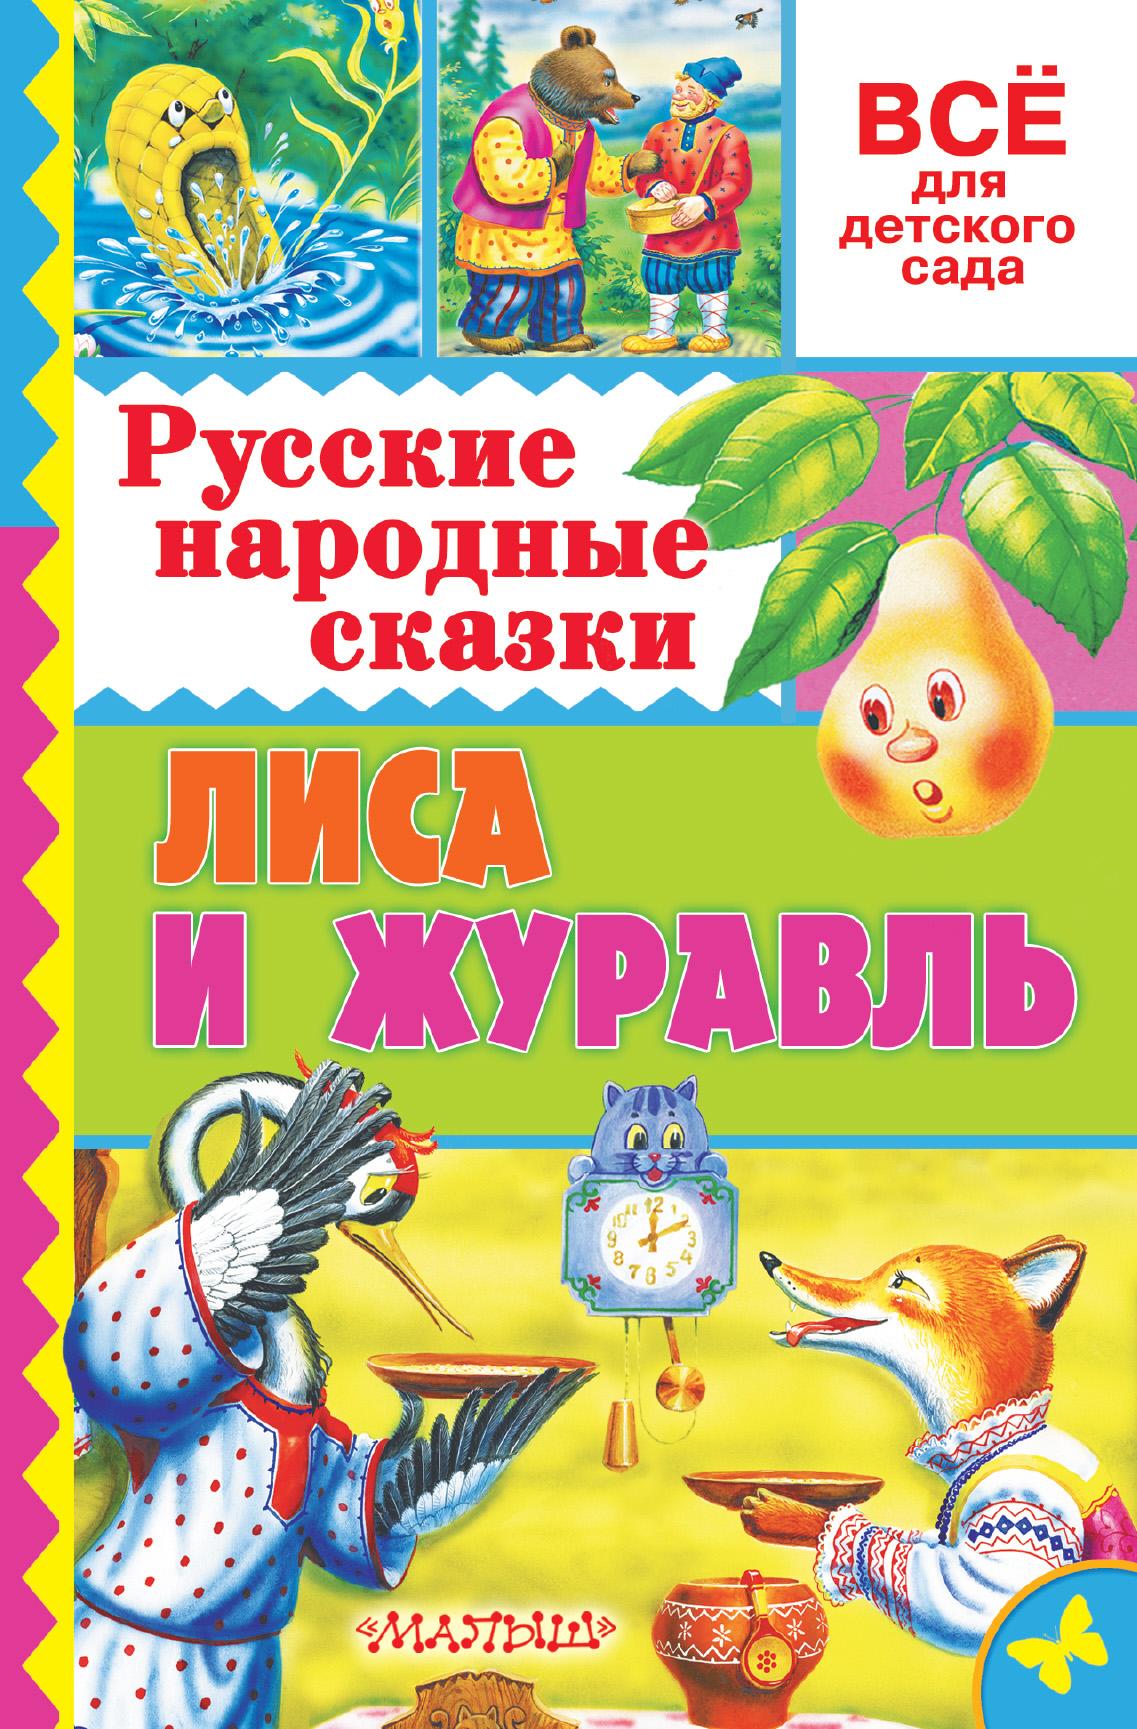 Народное творчество Русские народные сказки. Лиса и журавль е в кухаренко в гостях у сказки комплект стендов для оформления группы детского сада